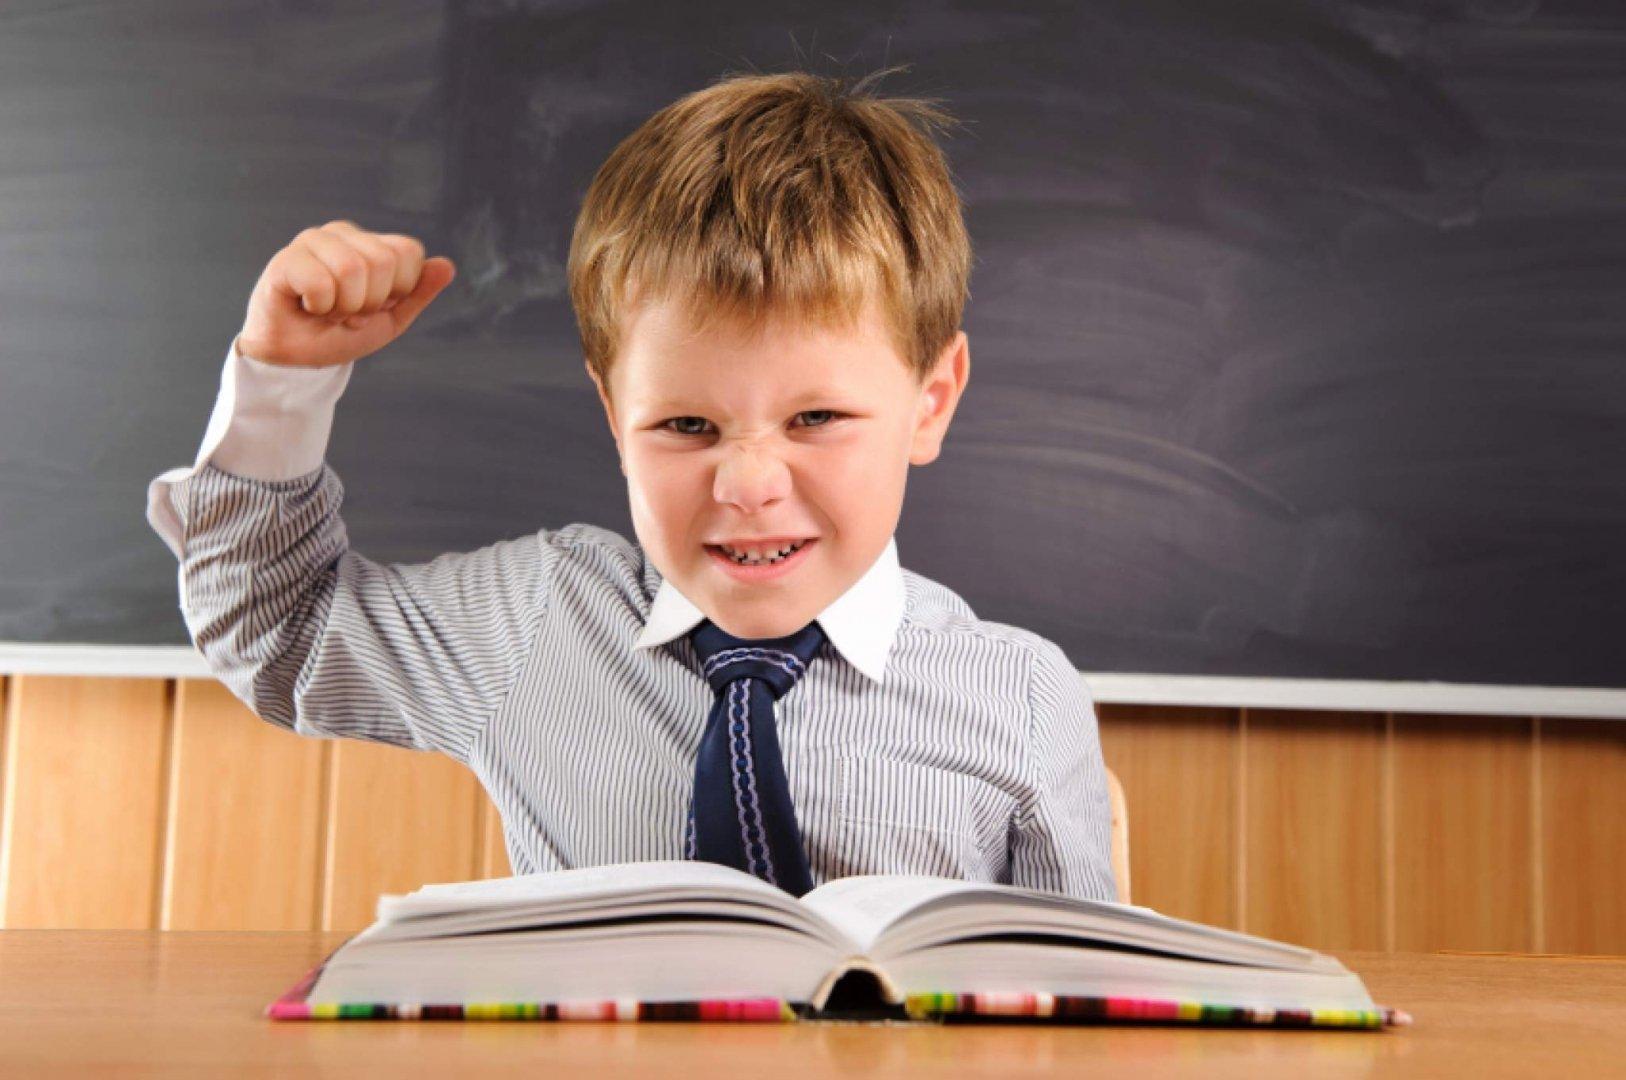 стрижка картинка для школы успеха умелых чутких